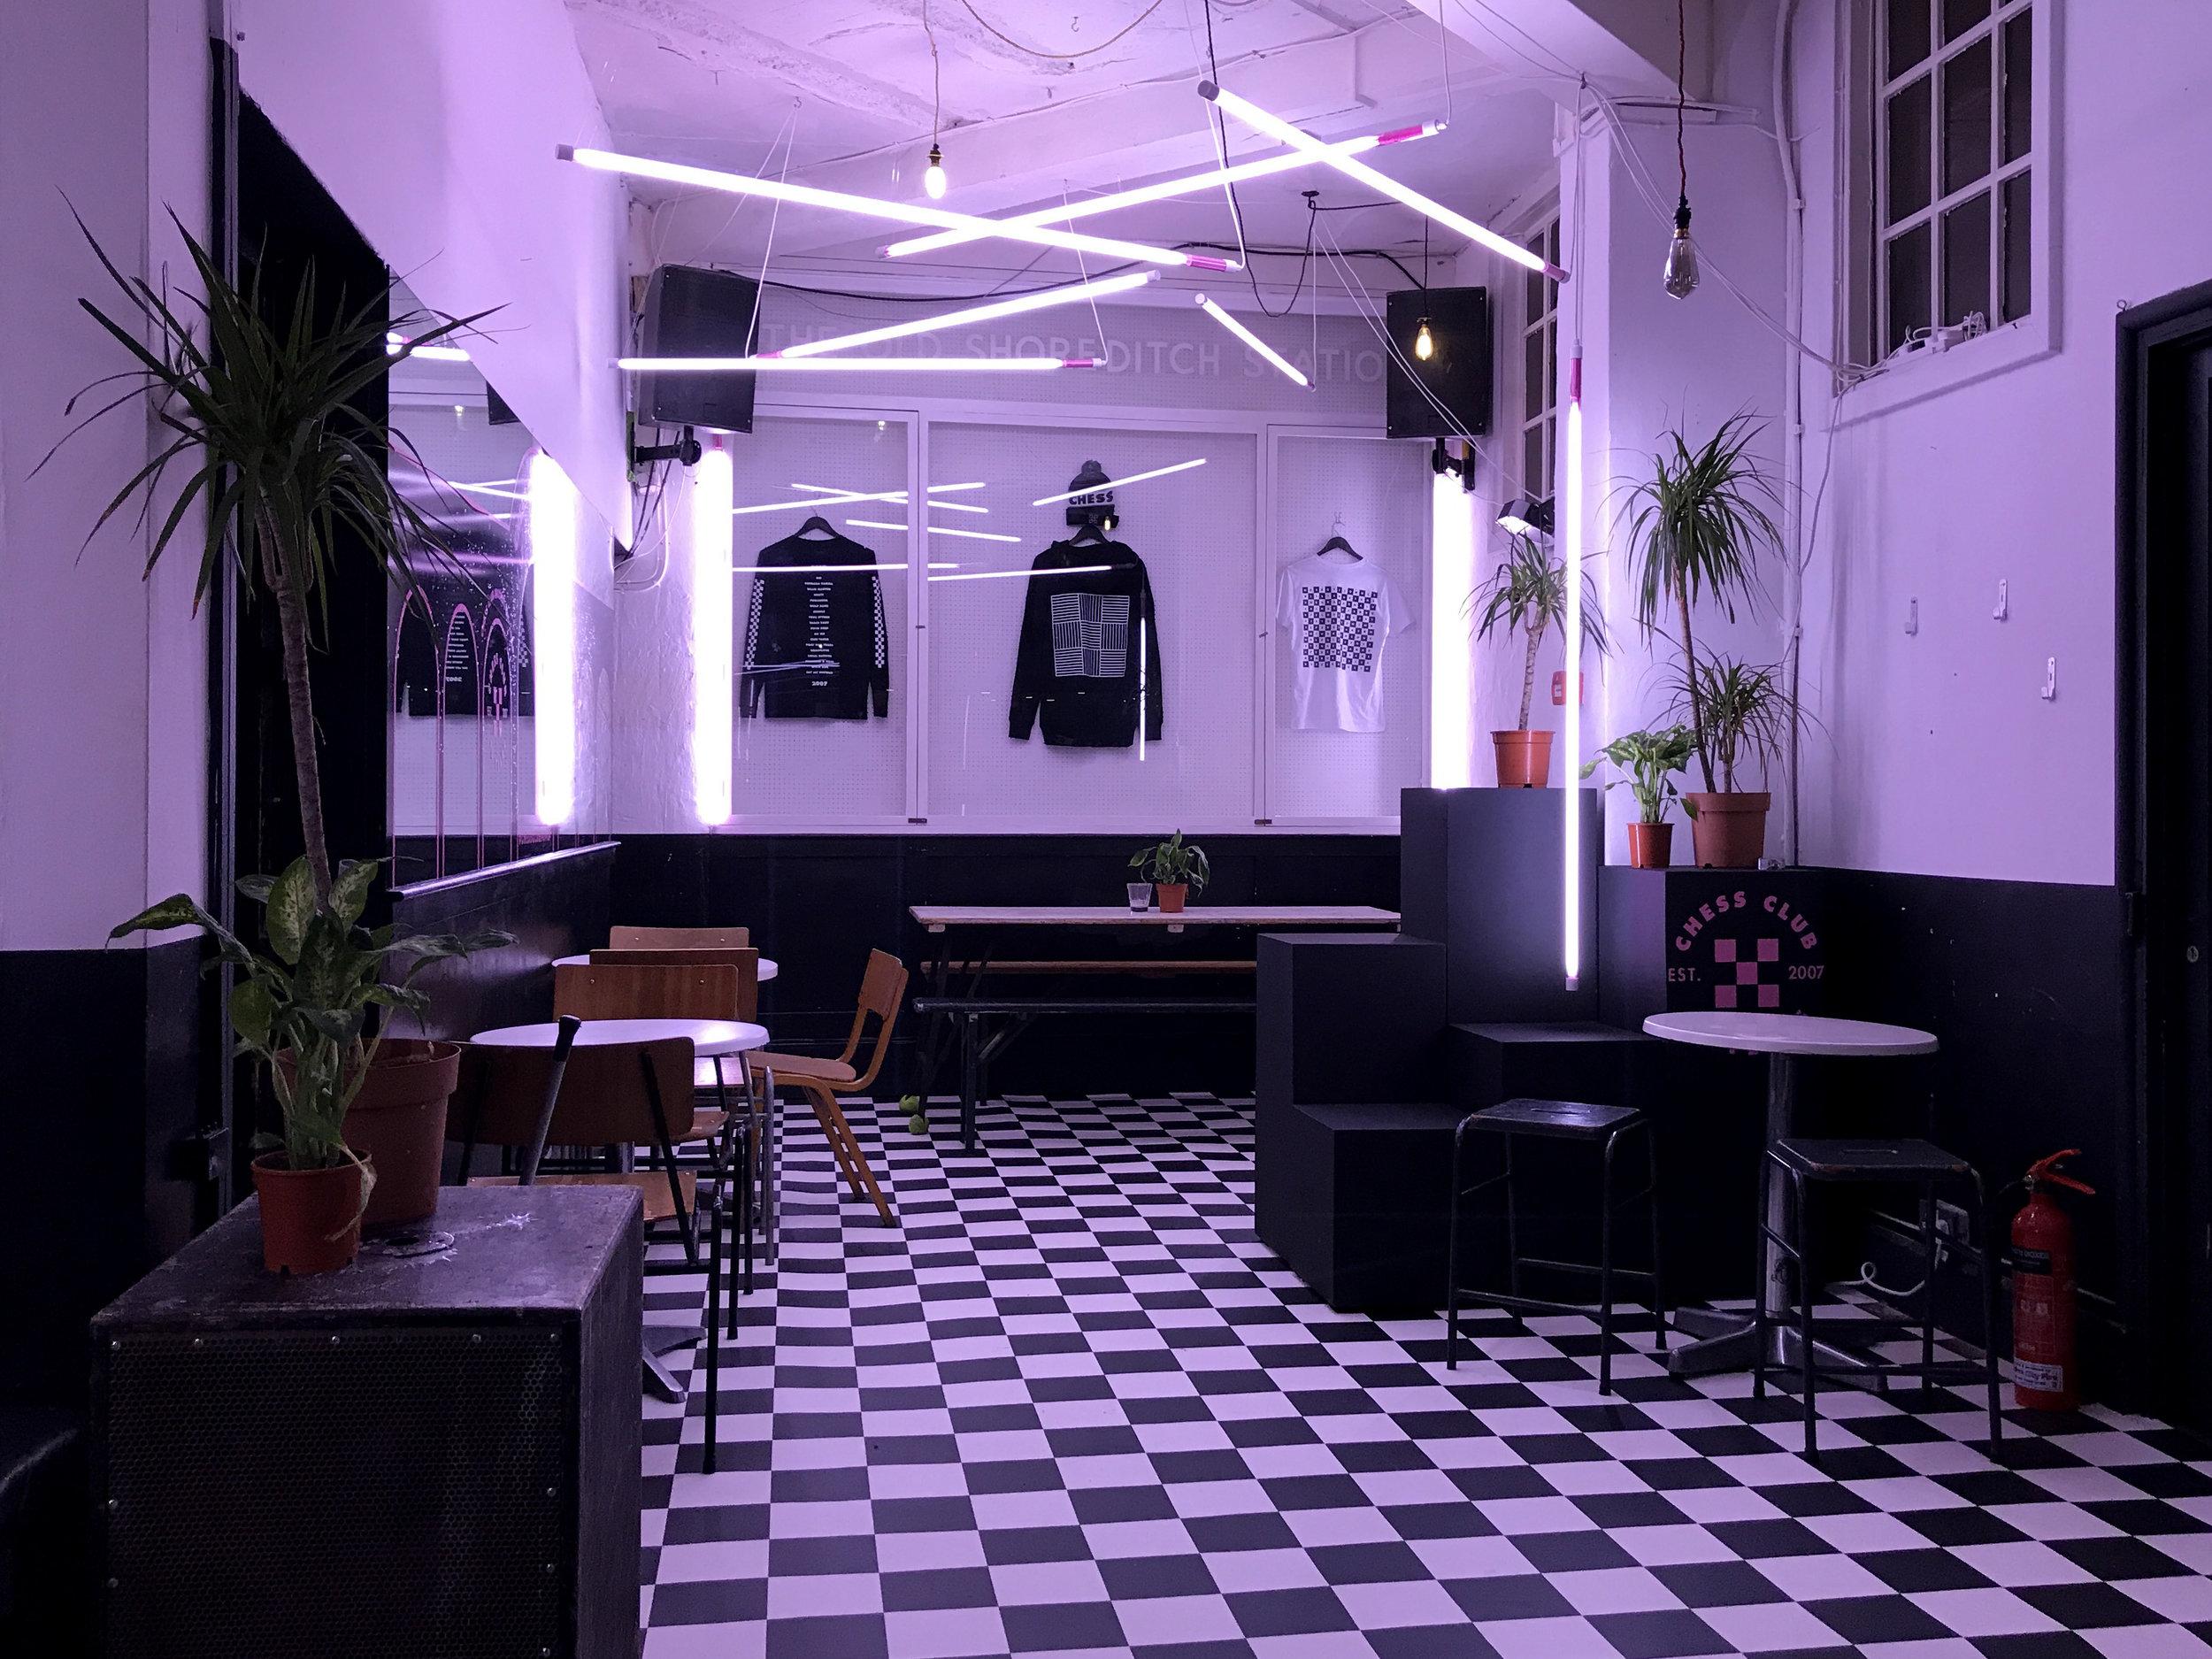 Mark-Forrest-Design-ChessClub-2.jpg